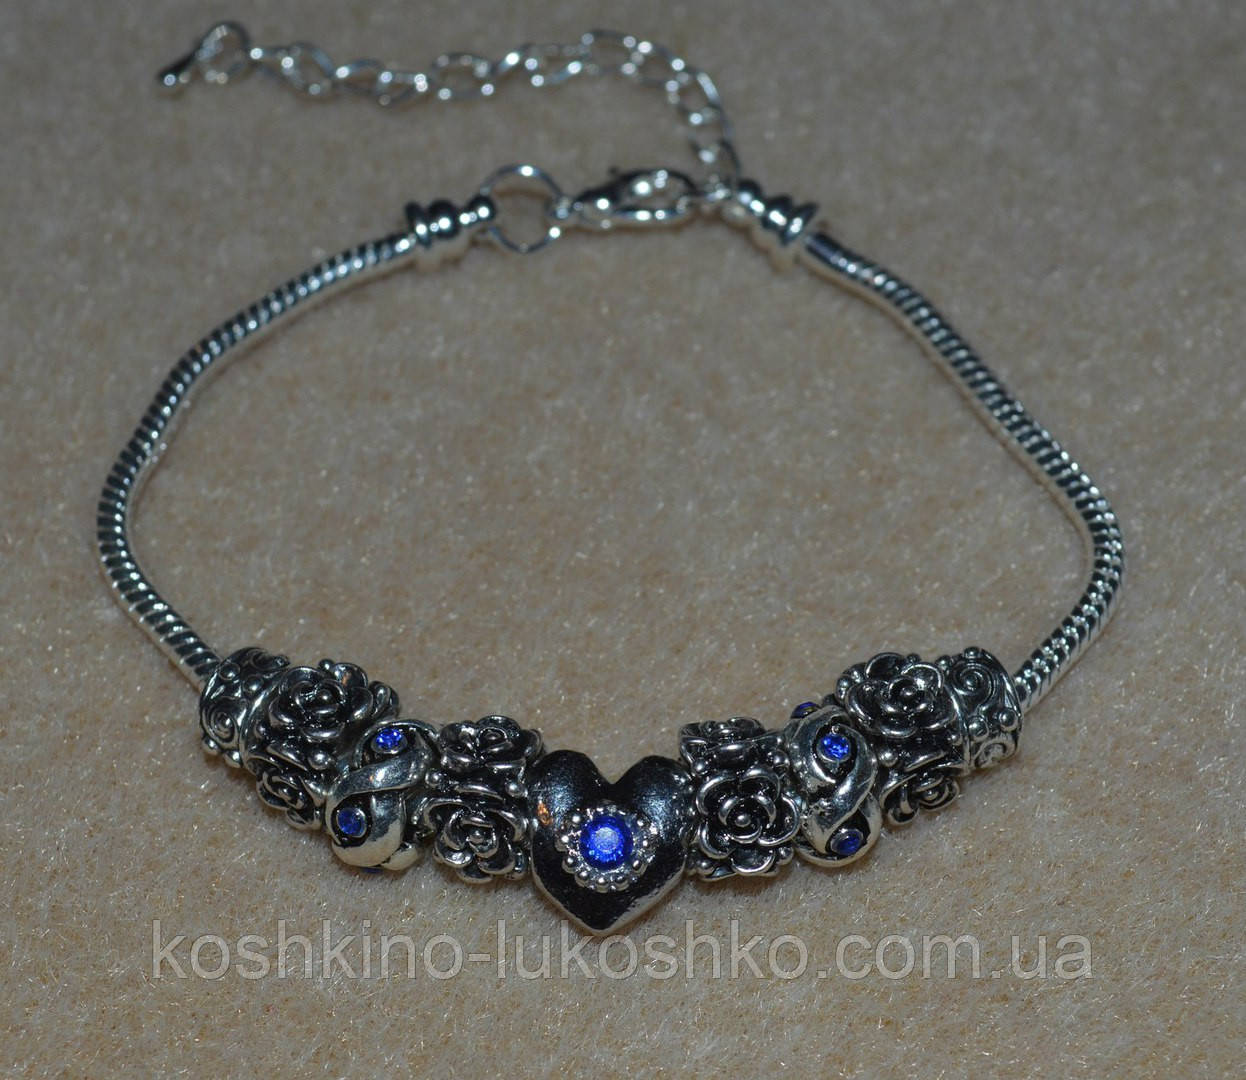 браслет в стиле Пандора с бусинами с синими кристалами